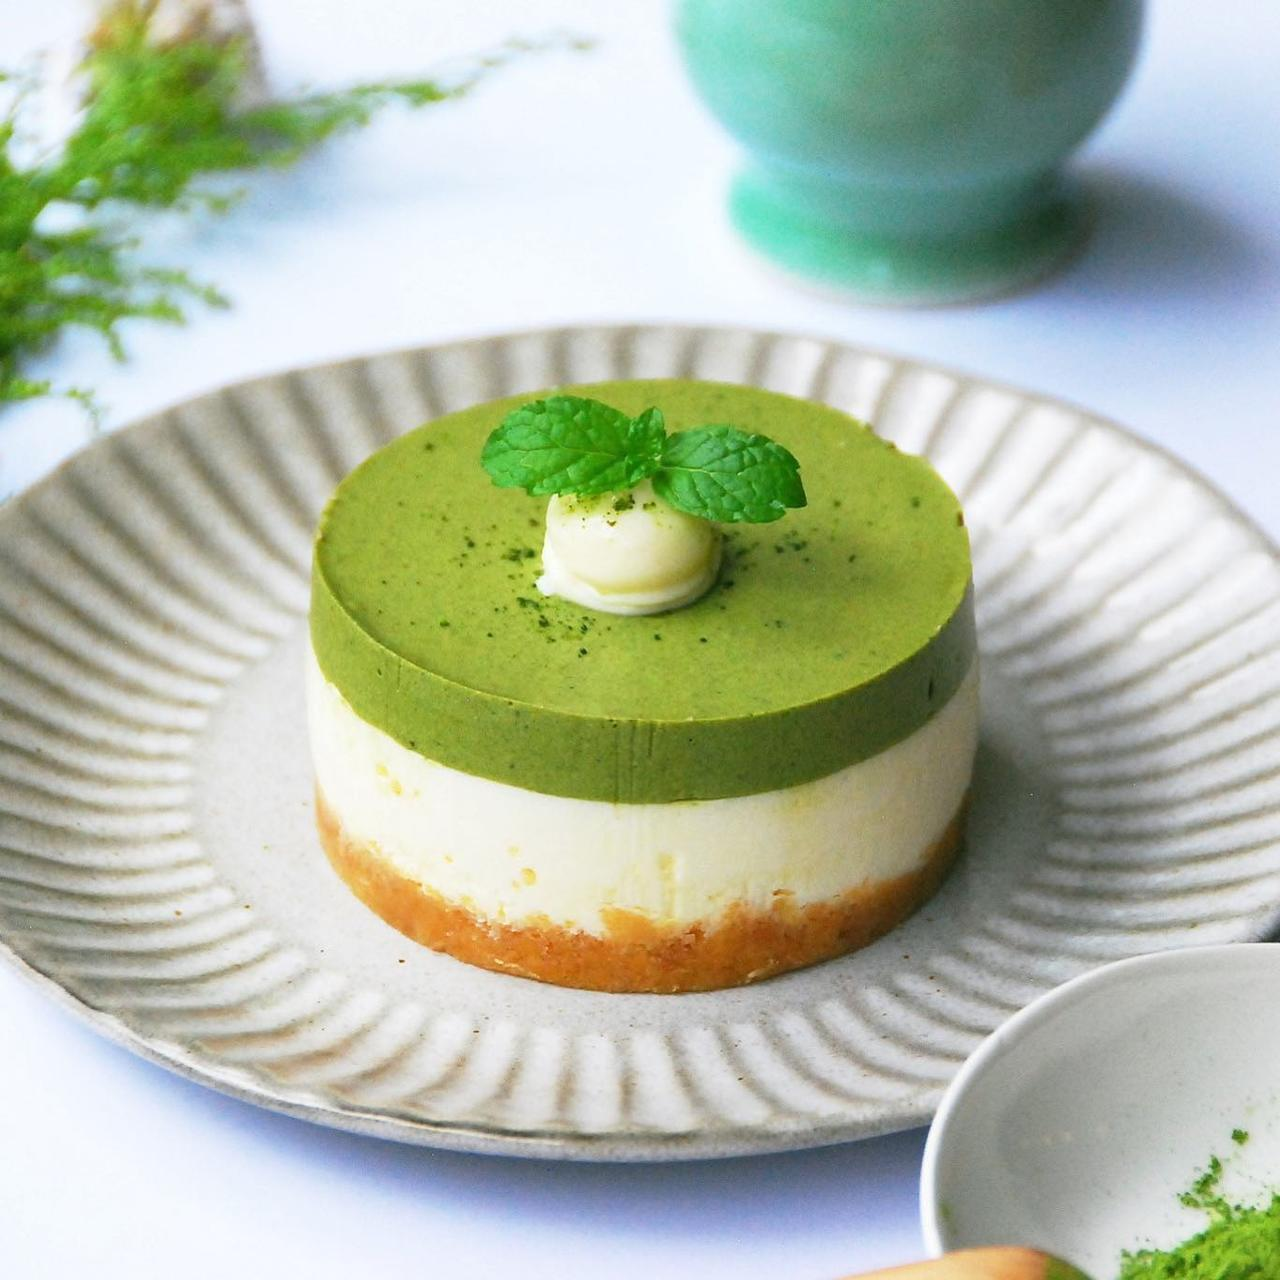 「抹茶生乳起司蛋糕」售價600元(5吋)。圖/摘自和茗甘味處臉書專業